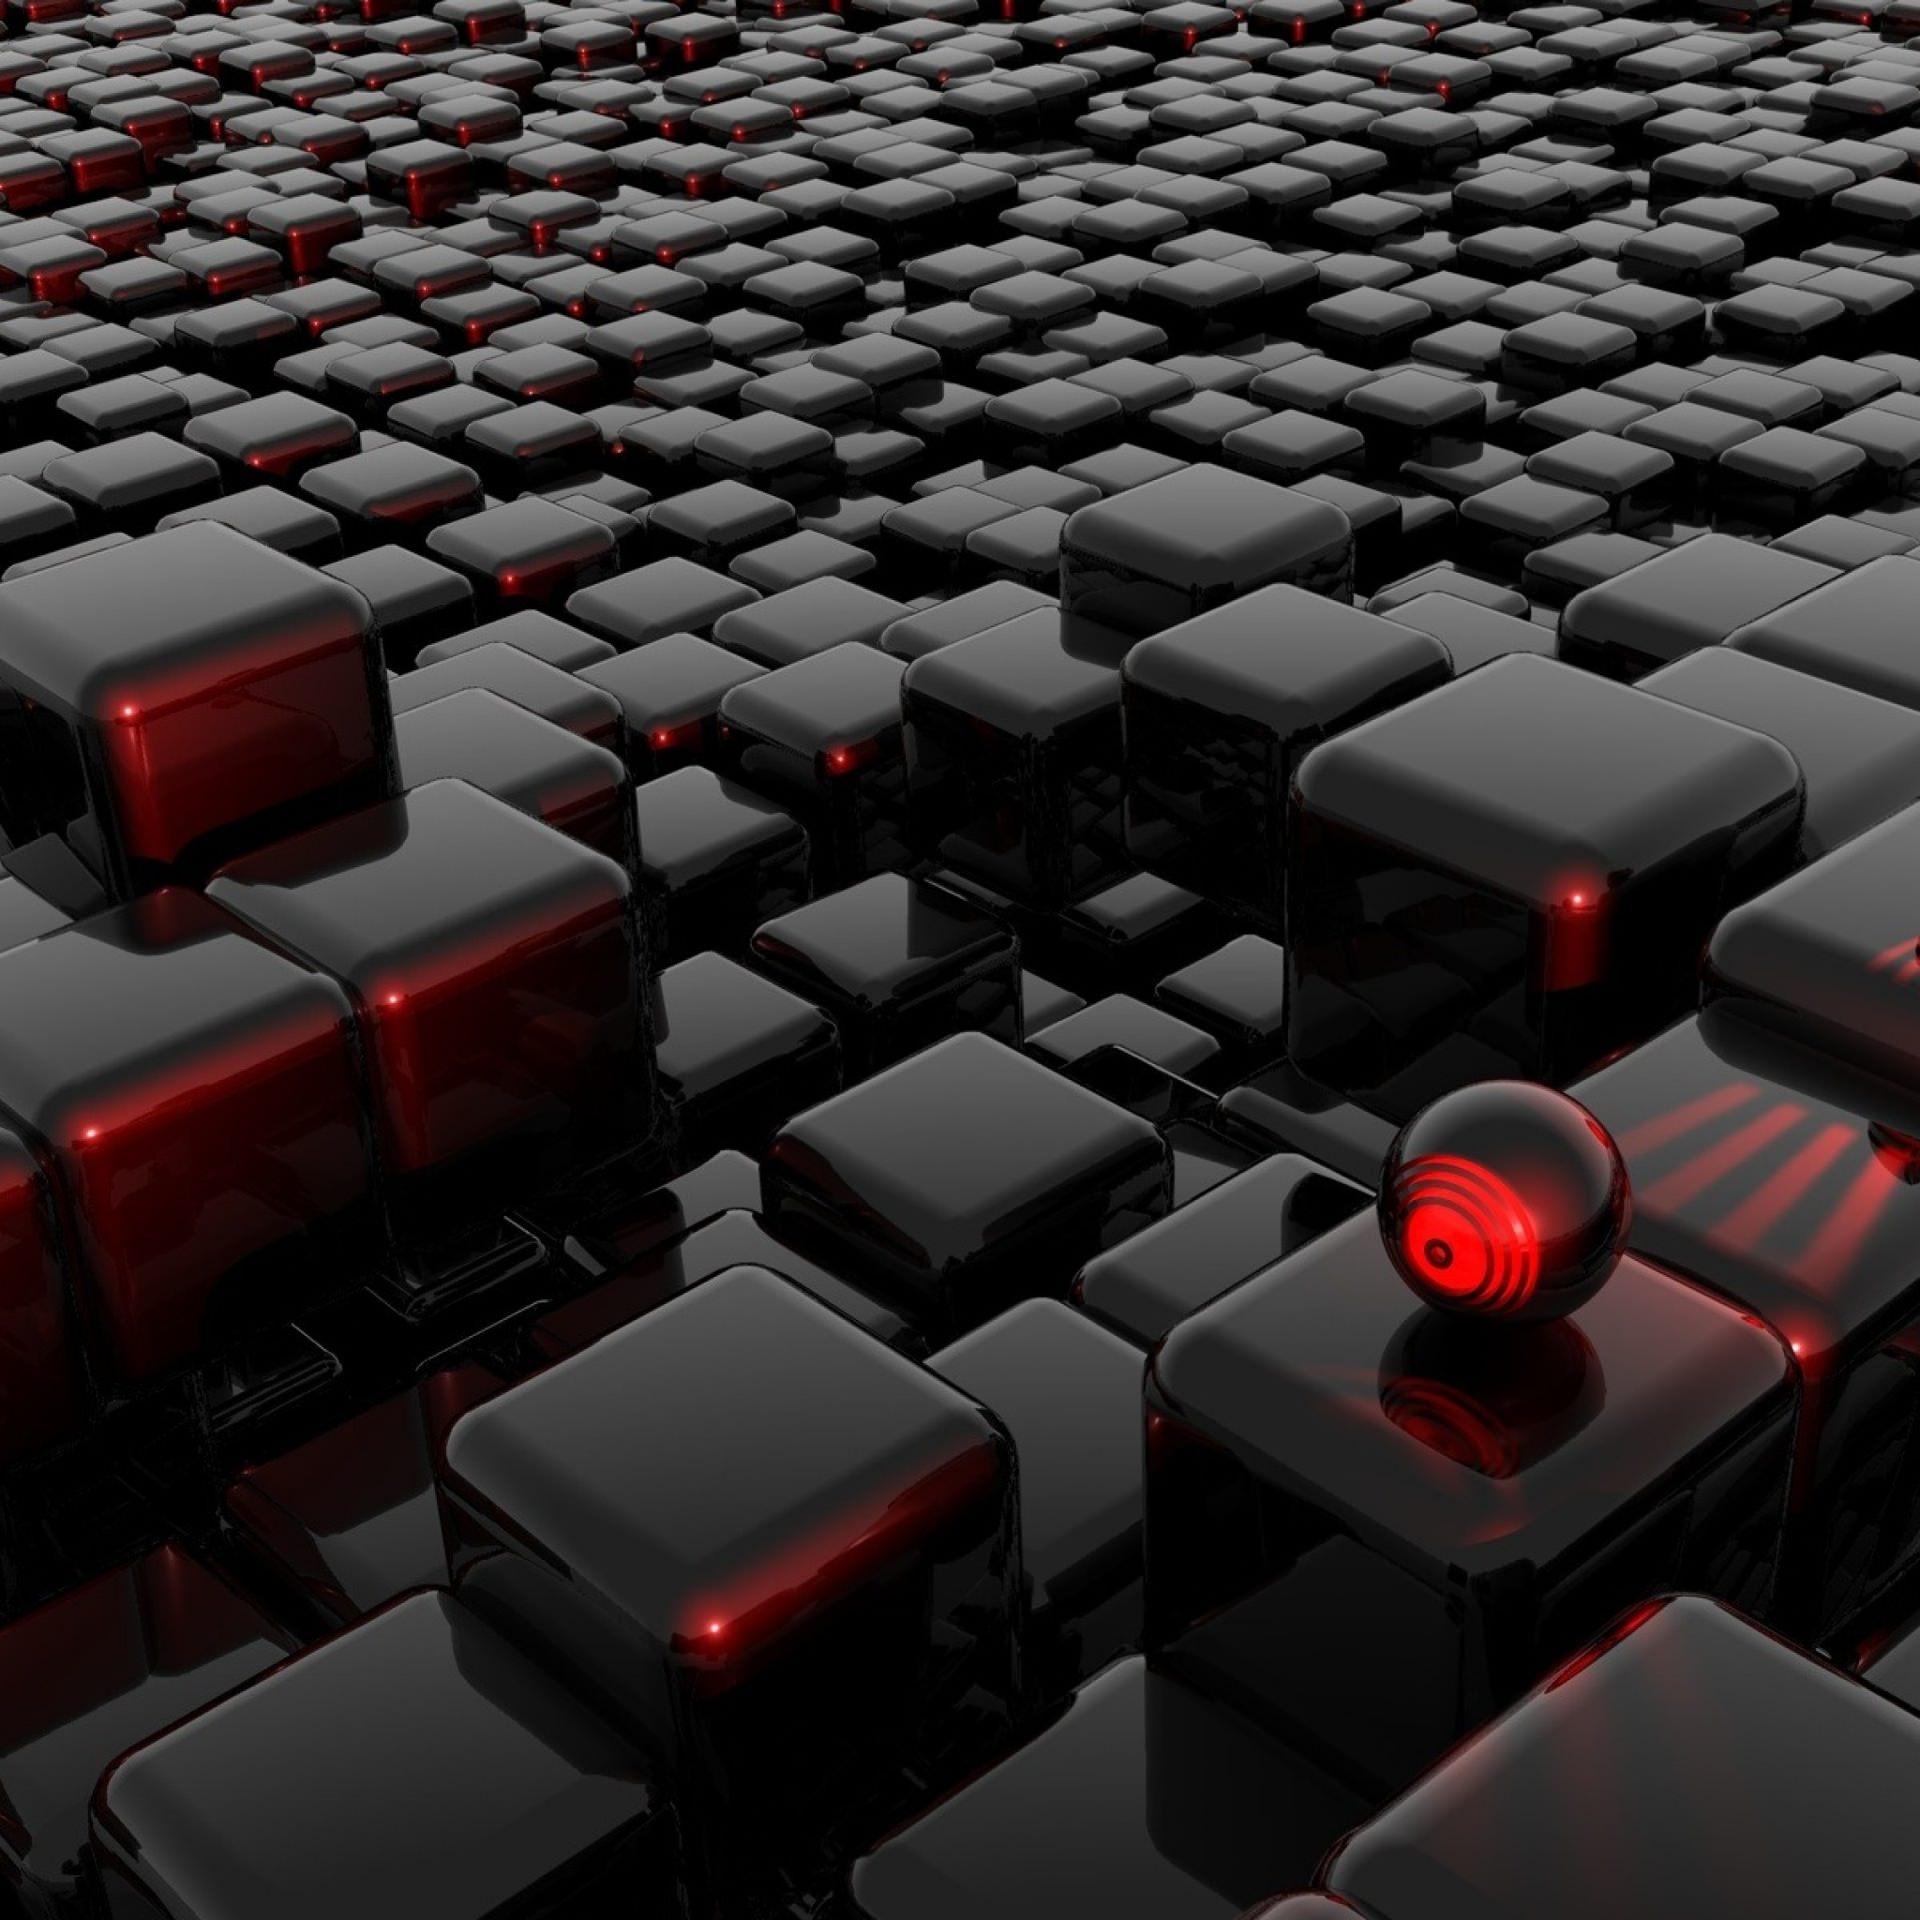 クールブロック赤黒 Wallpaper Sc スマホ壁紙